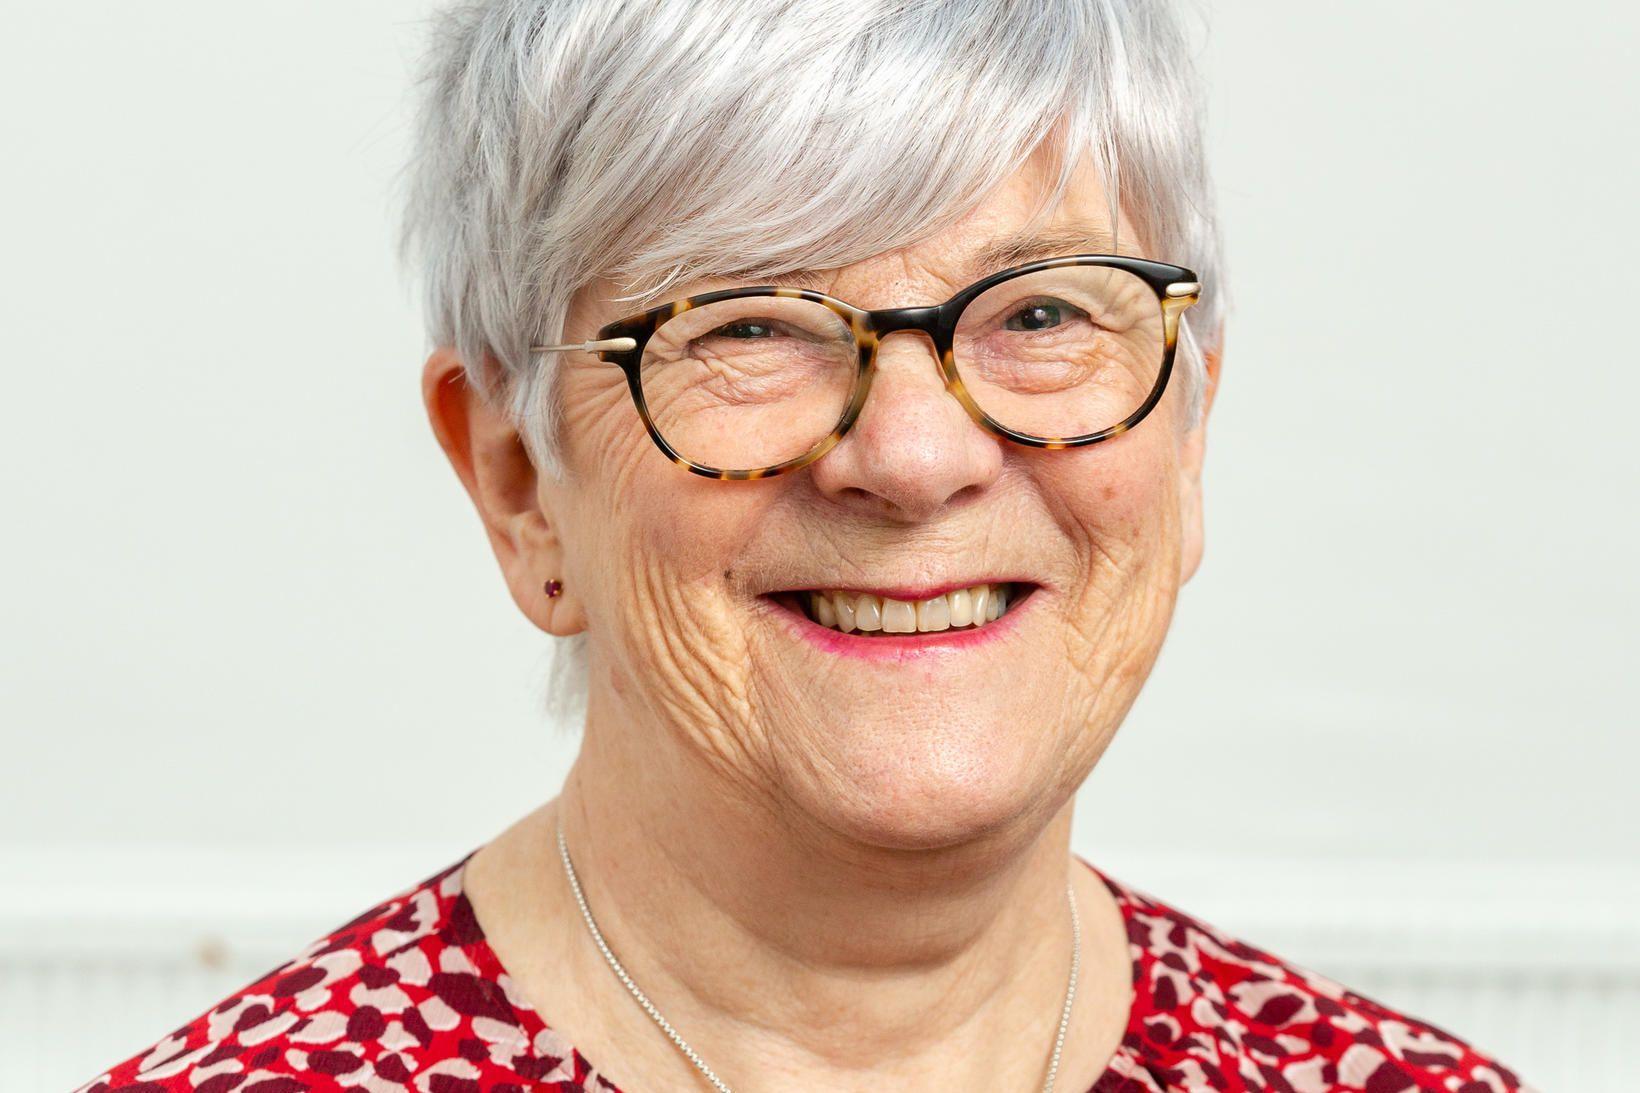 Lesley Ann Page verður sæmd heiðursdoktorsnafnbót við Hjúkrunarfræðideild Háskóla Íslands.